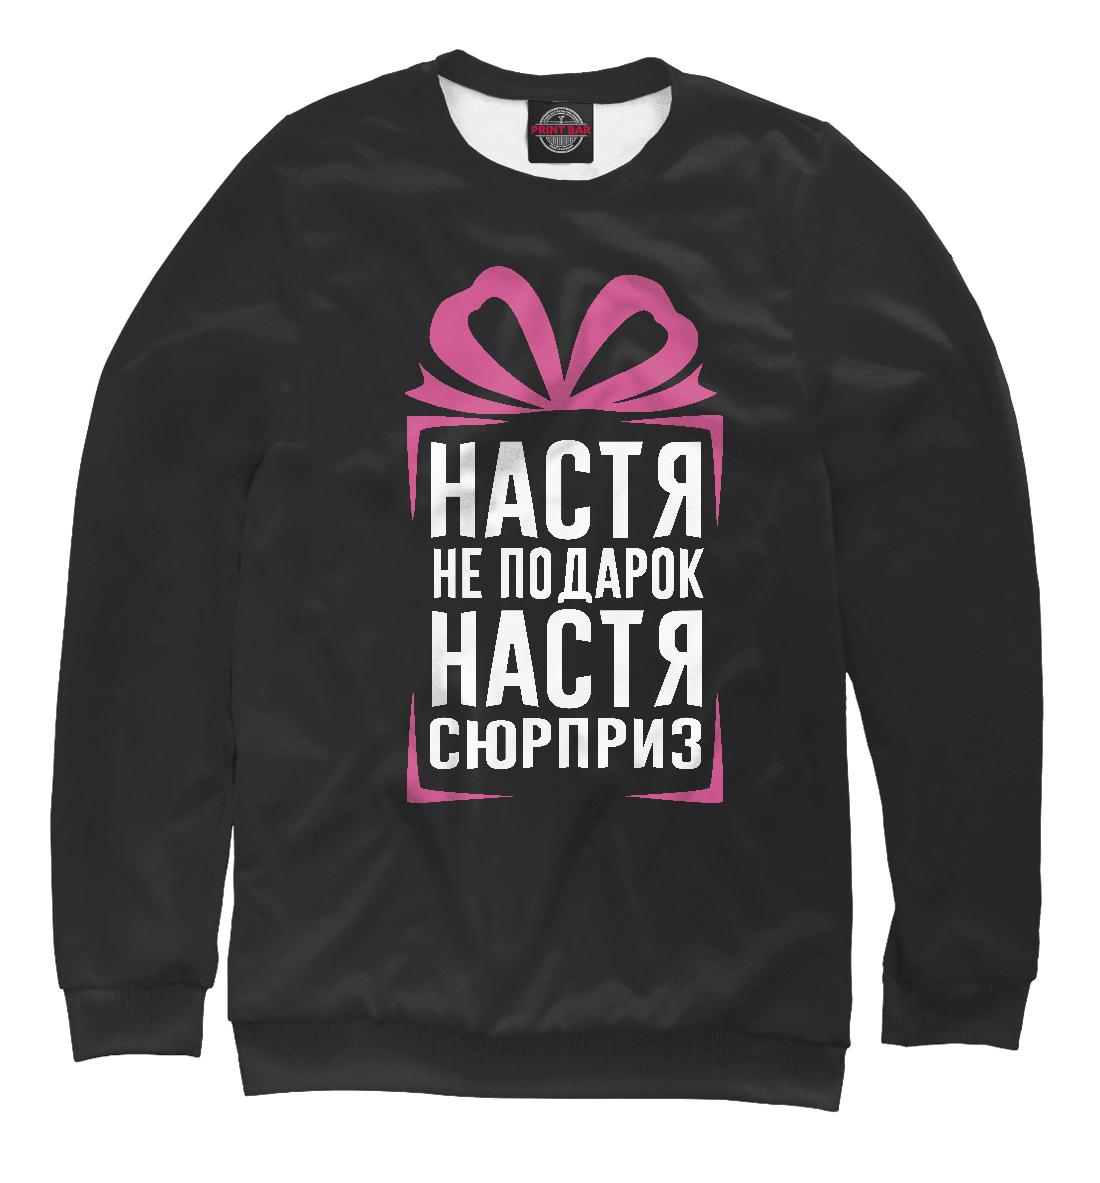 Настя не подарок - Настя сюрприз настя ким один шанс